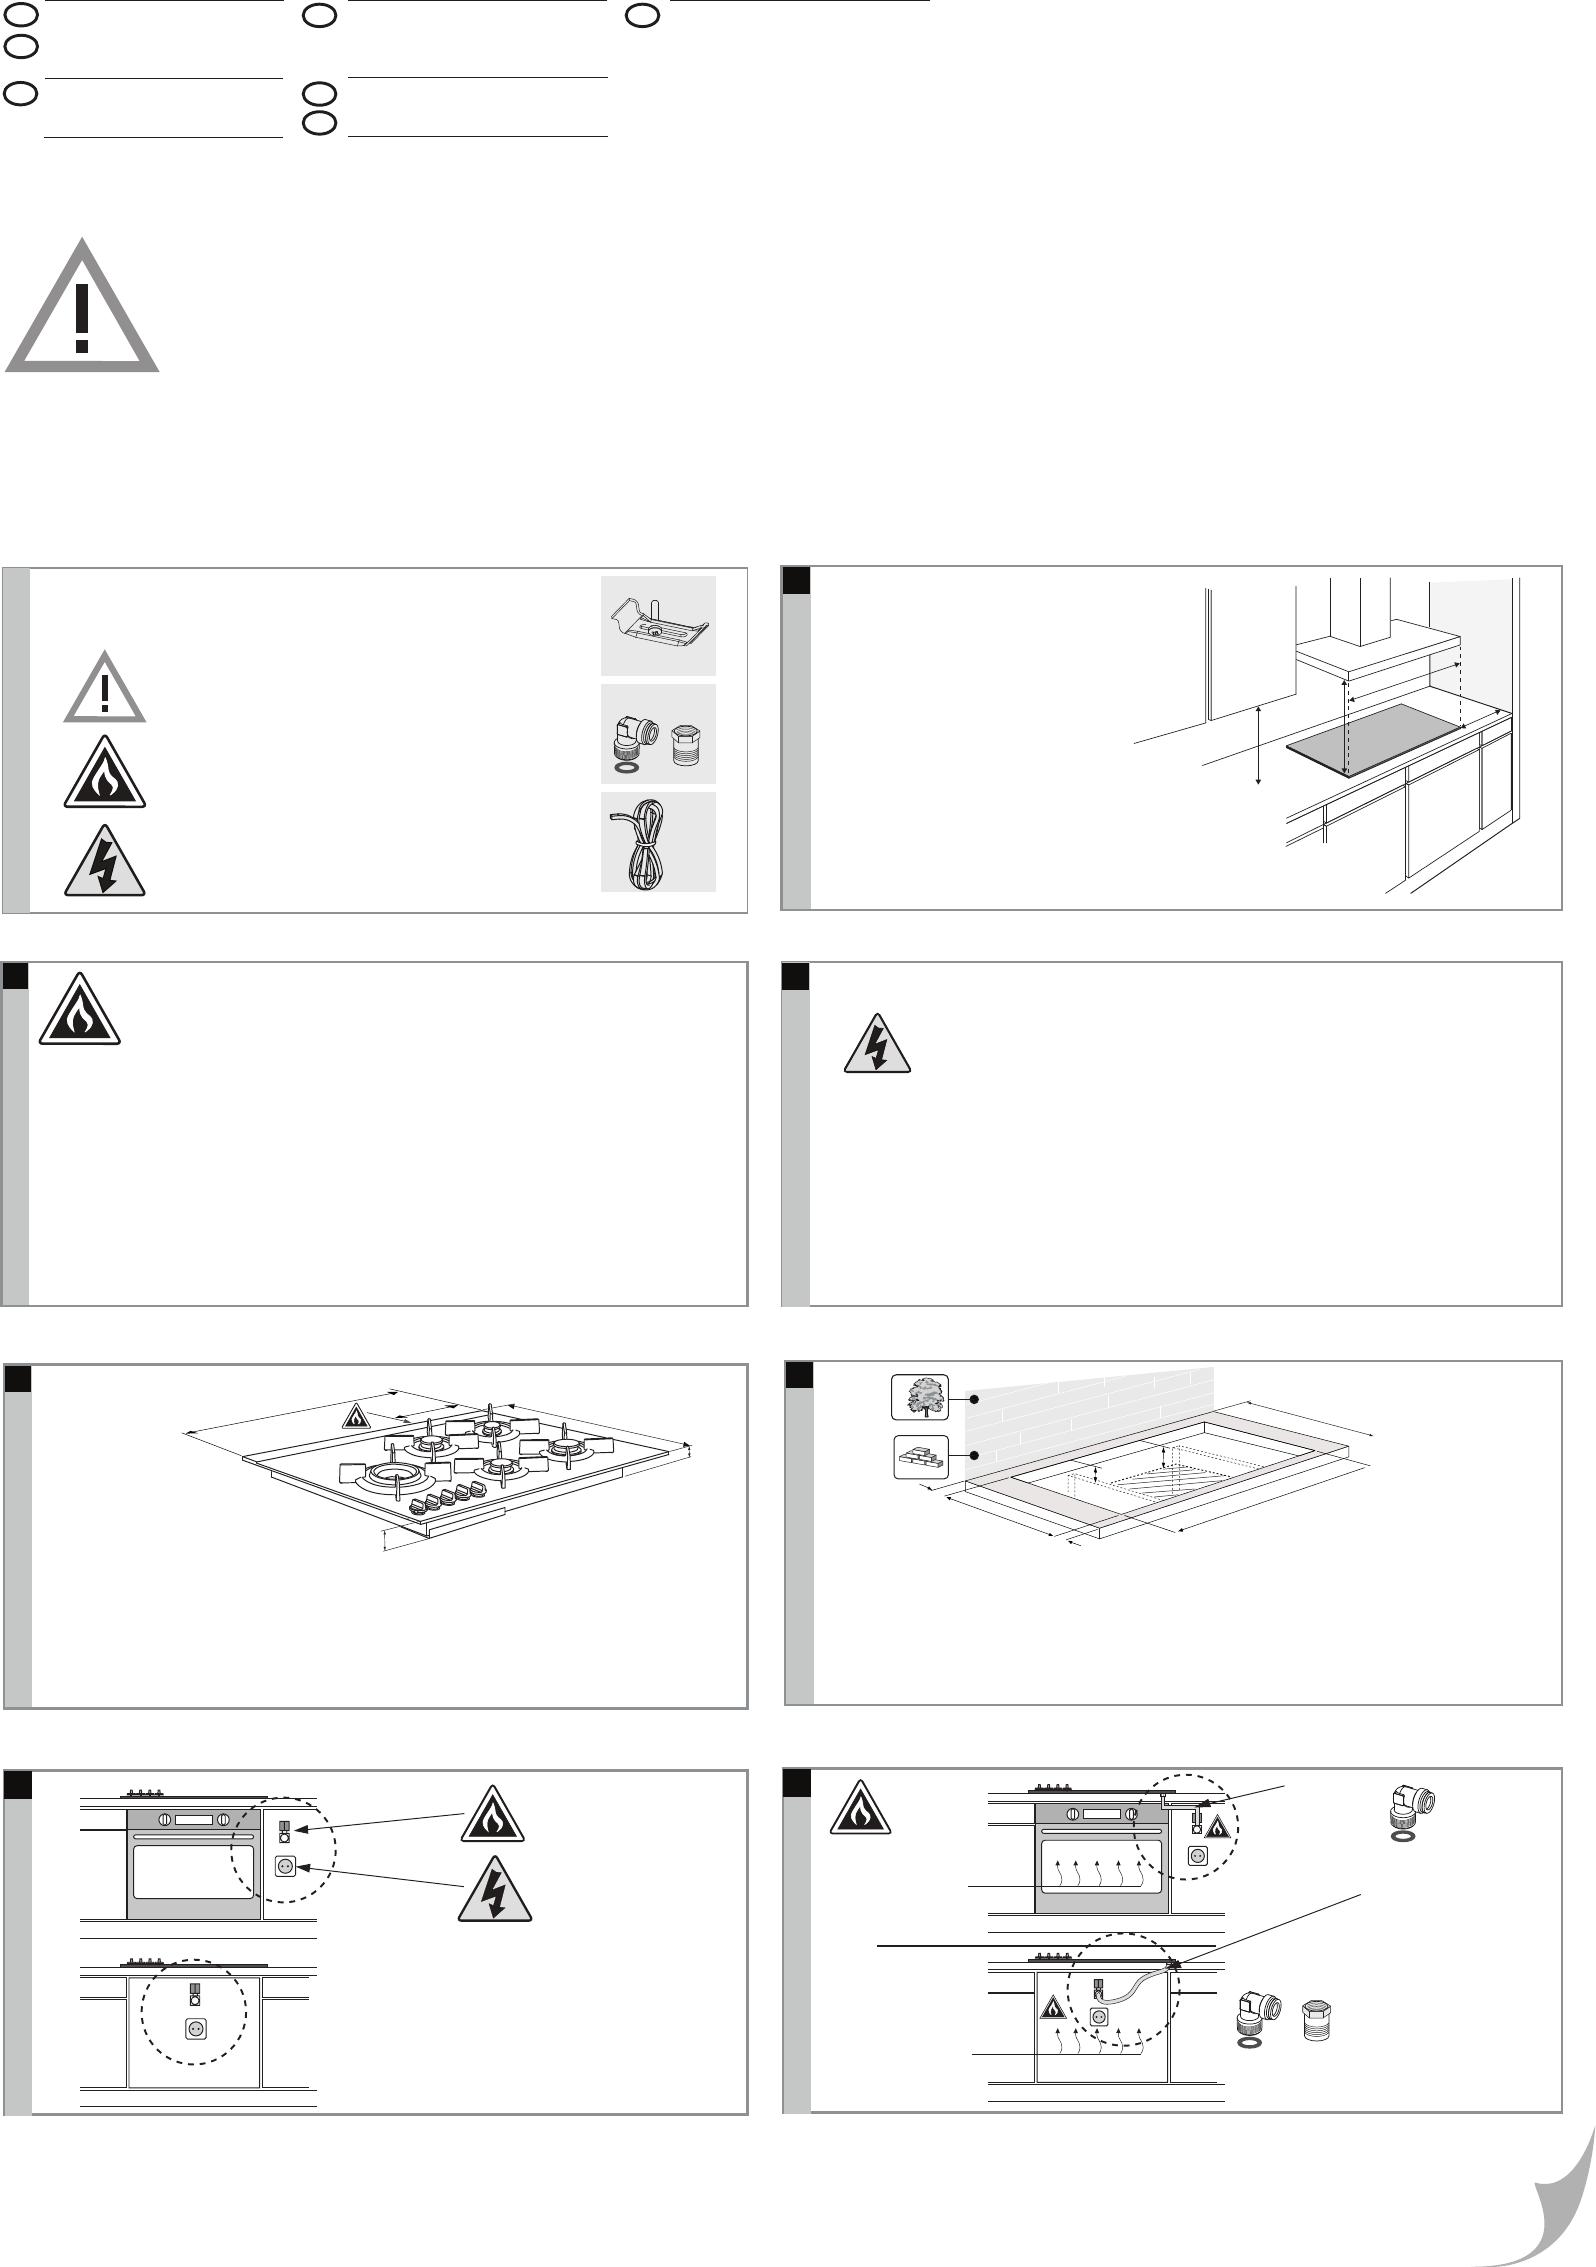 bedienungsanleitung atag hg3271mbb seite 1 von 2 d nisch deutsch englisch franz sisch. Black Bedroom Furniture Sets. Home Design Ideas